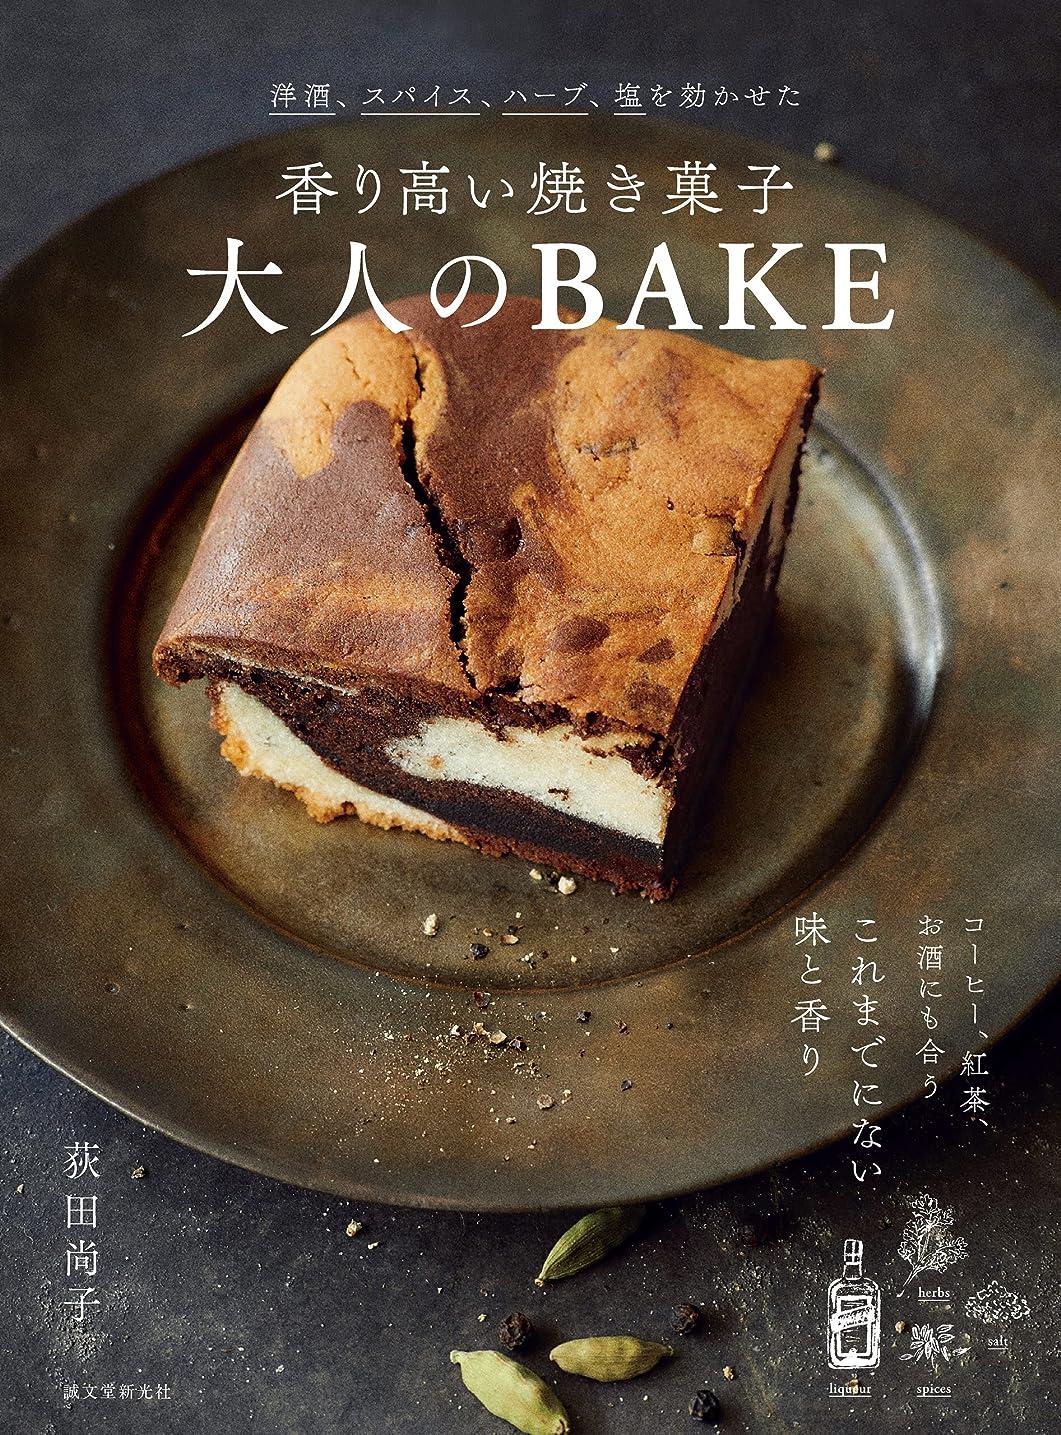 熟した拍手焼く香り高い焼き菓子 大人のBAKE:洋酒、スパイス、ハーブ、塩を効かせた